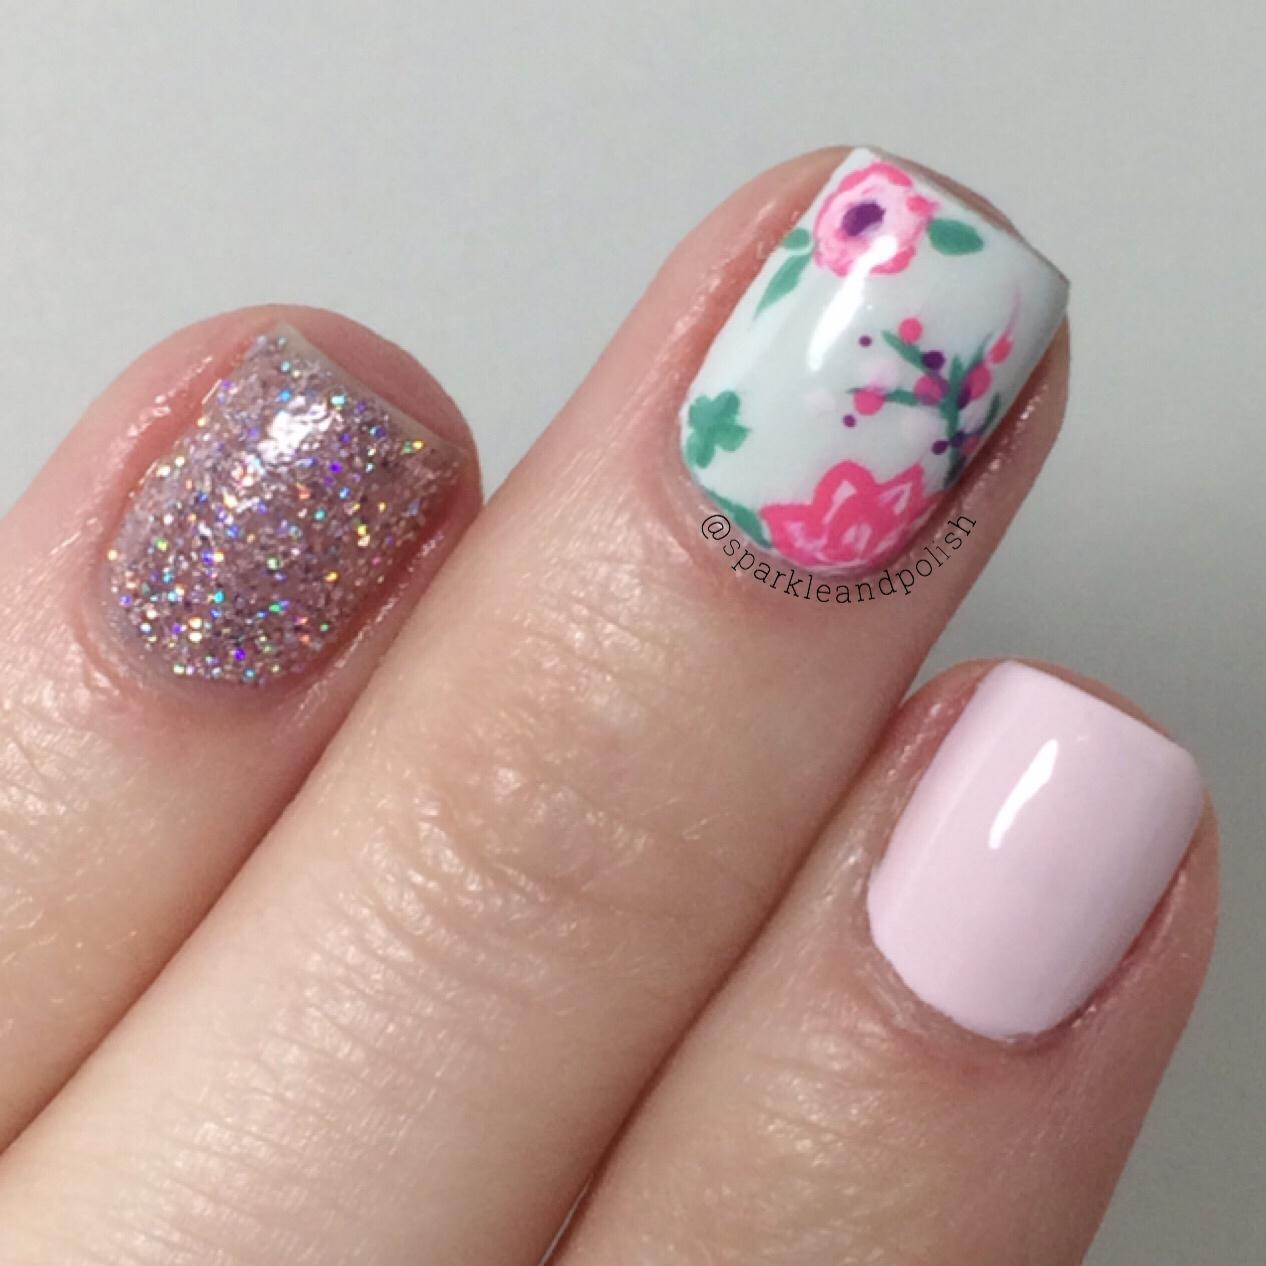 Q Riouser Q Riouser Nail Art: A Little Sparkle And Polish: Pastel Flower Nail Art